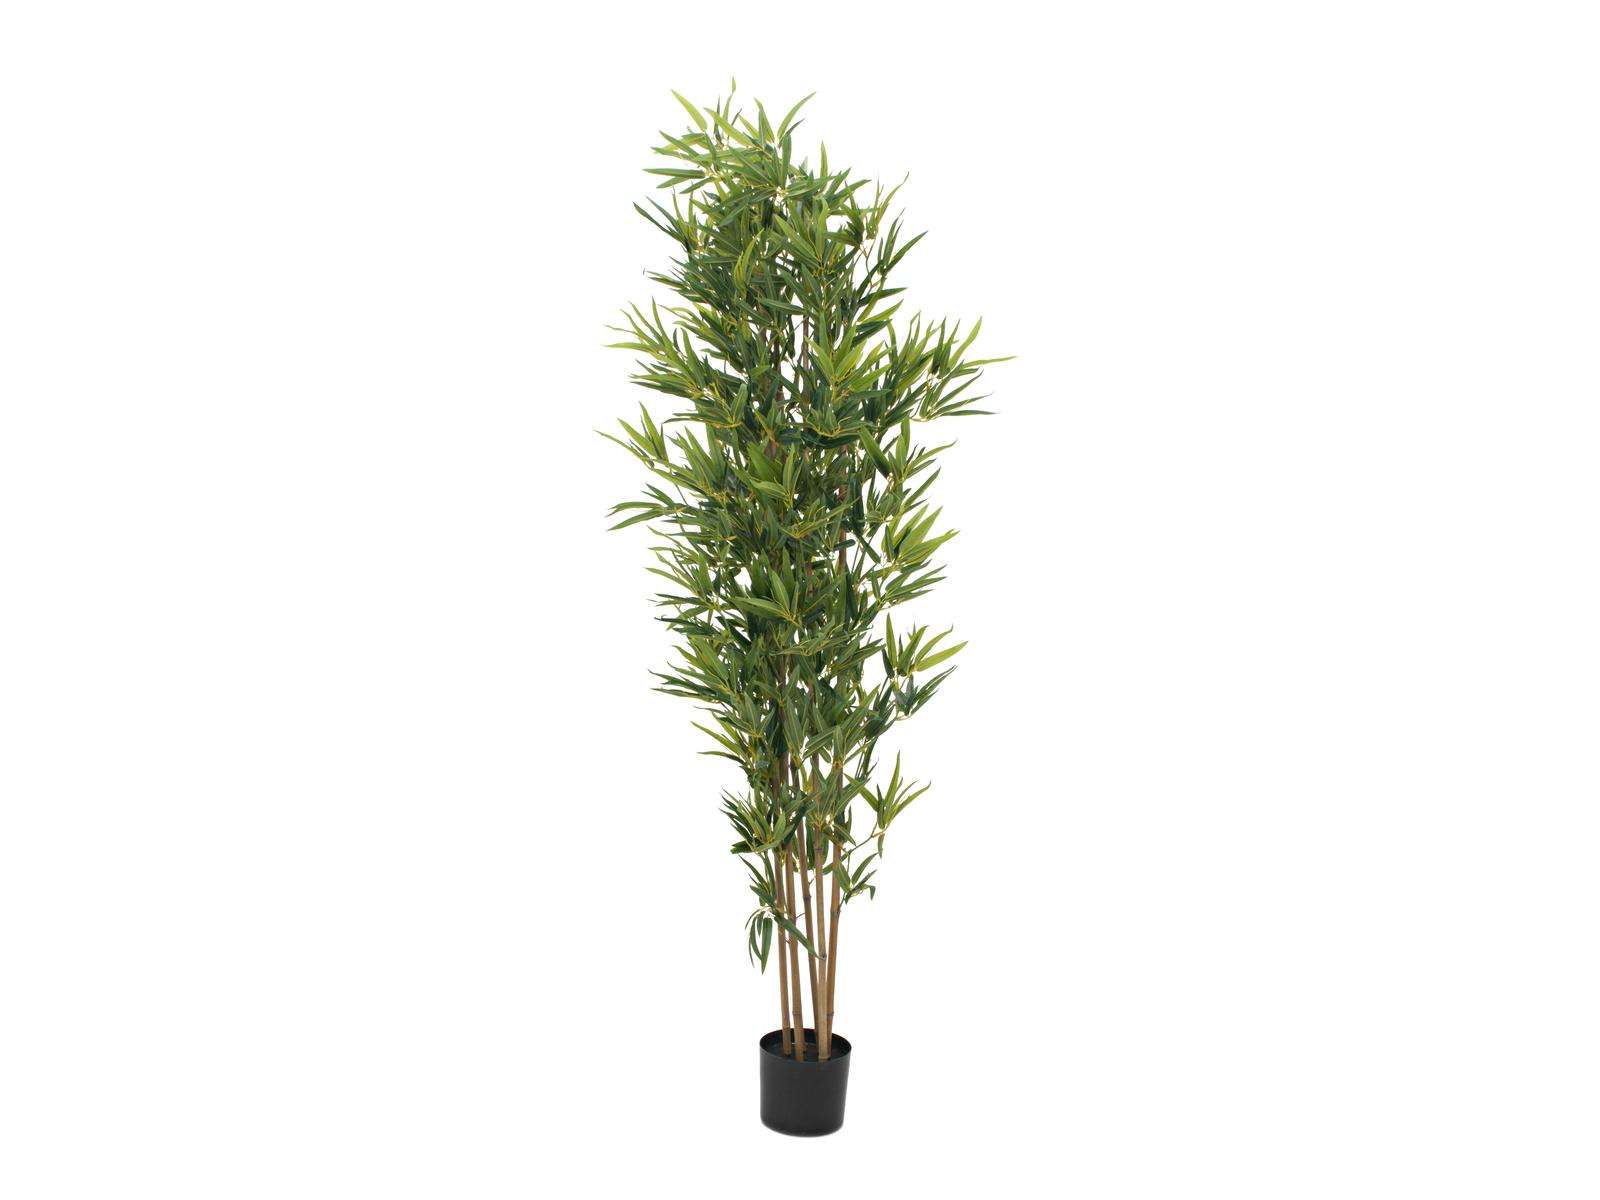 EUROPALMS Bambus deluxe, Kunstpflanze, 180cm